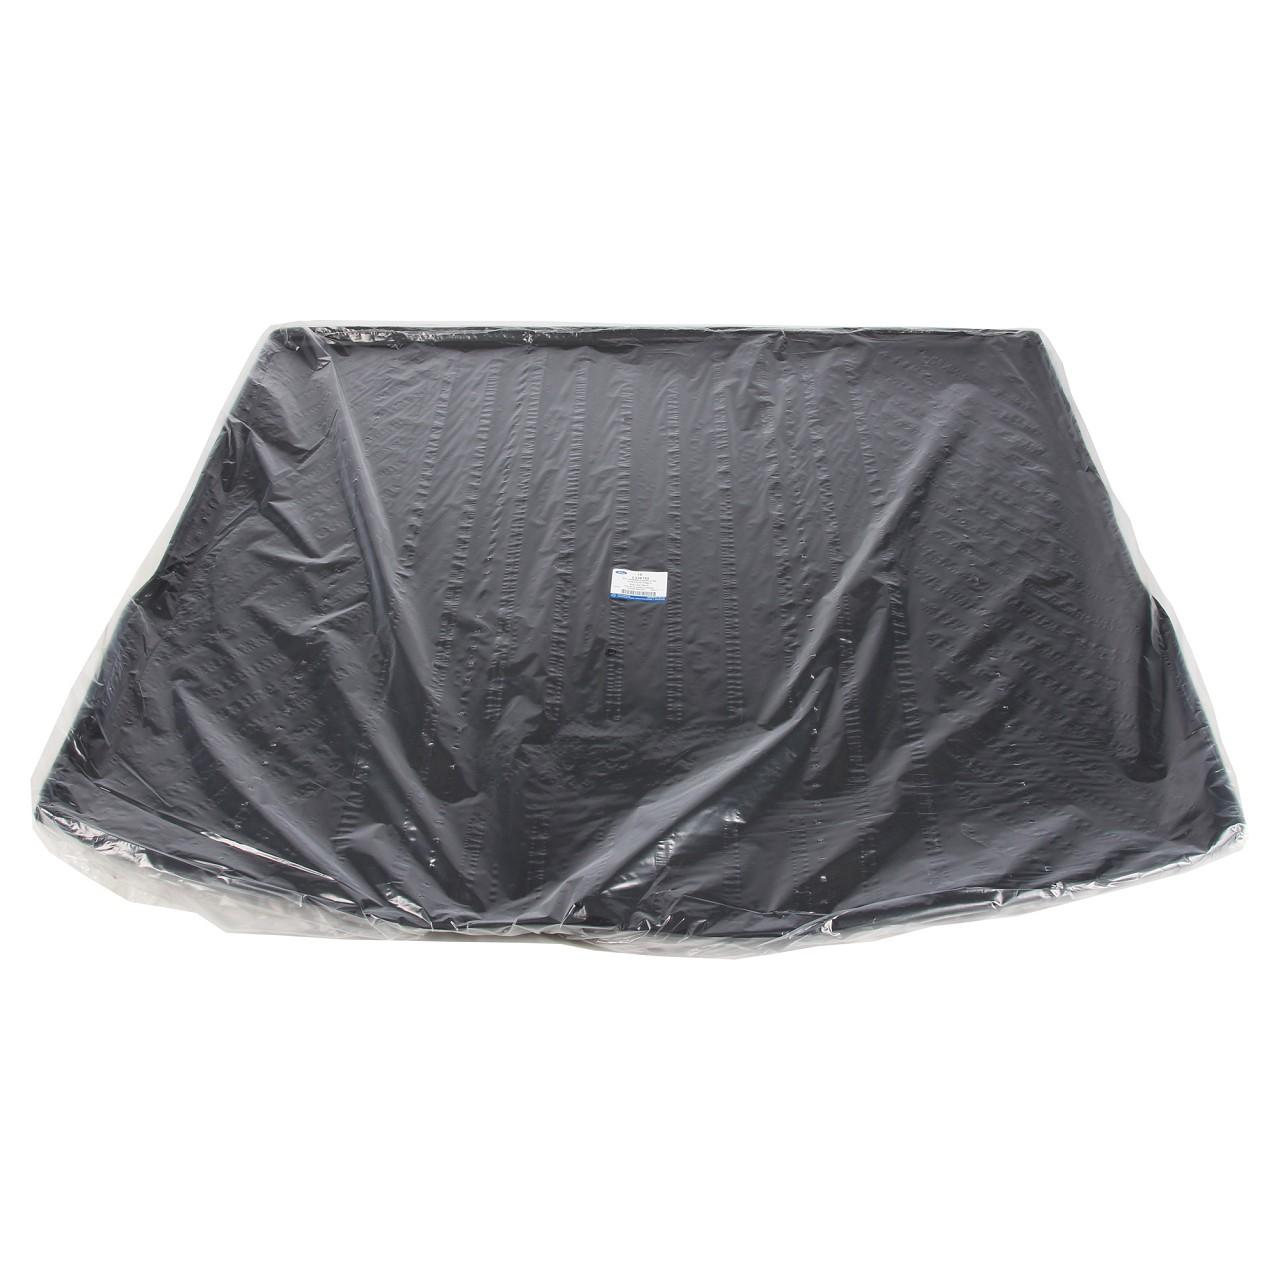 ORIGINAL Ford Gepäckraum Antirutsch-Schalenmatte 2039792 für FOCUS III Turnier